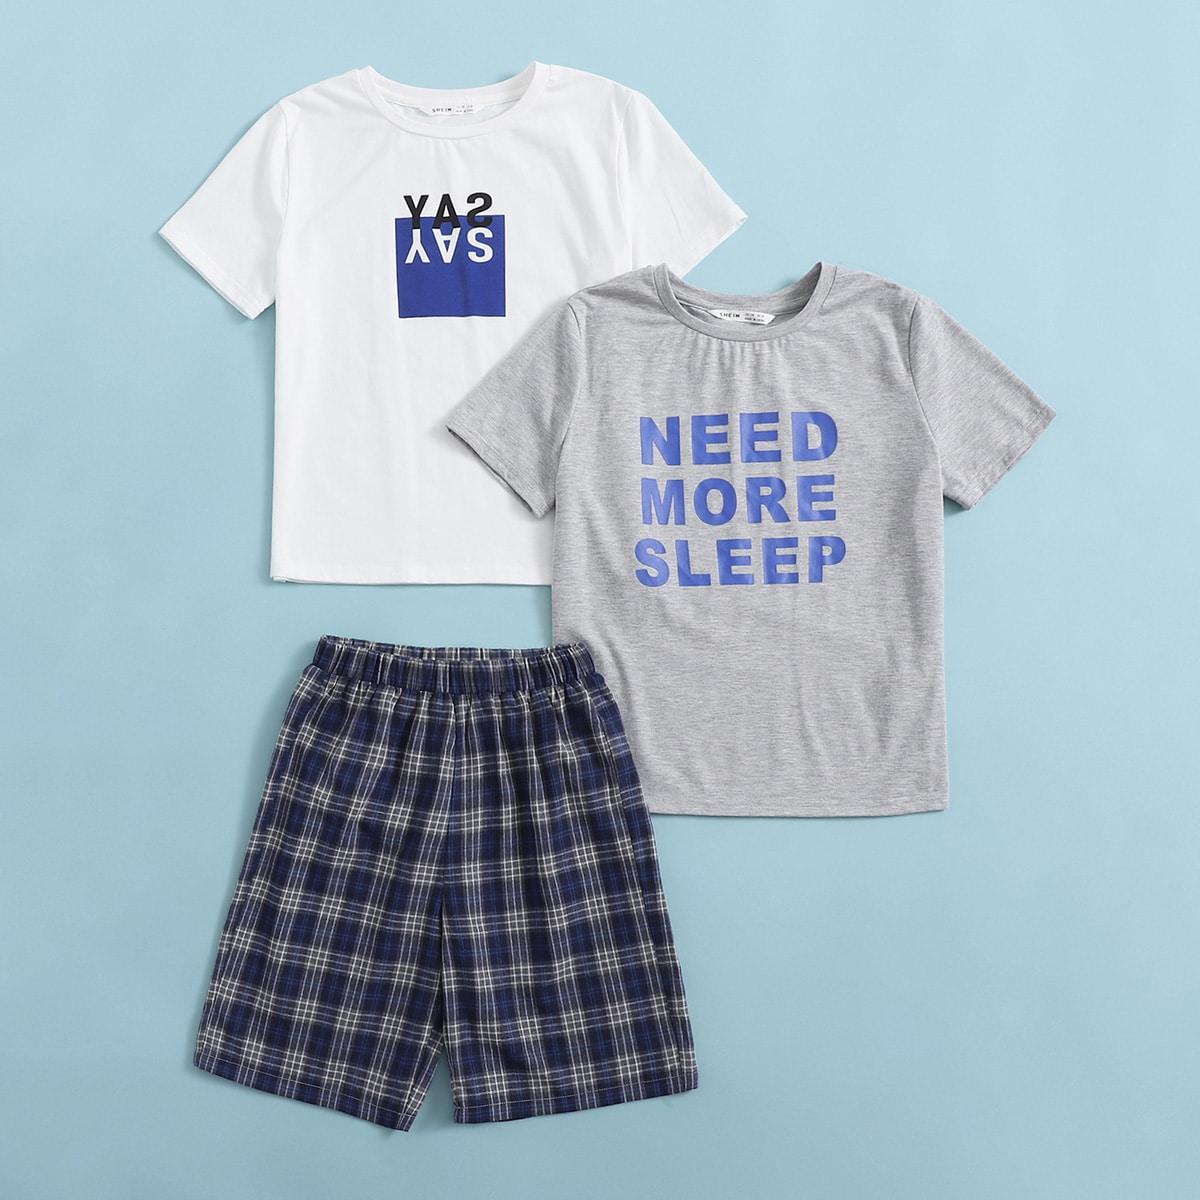 3шт пижама в клетку с текстовым принтом для мальчиков